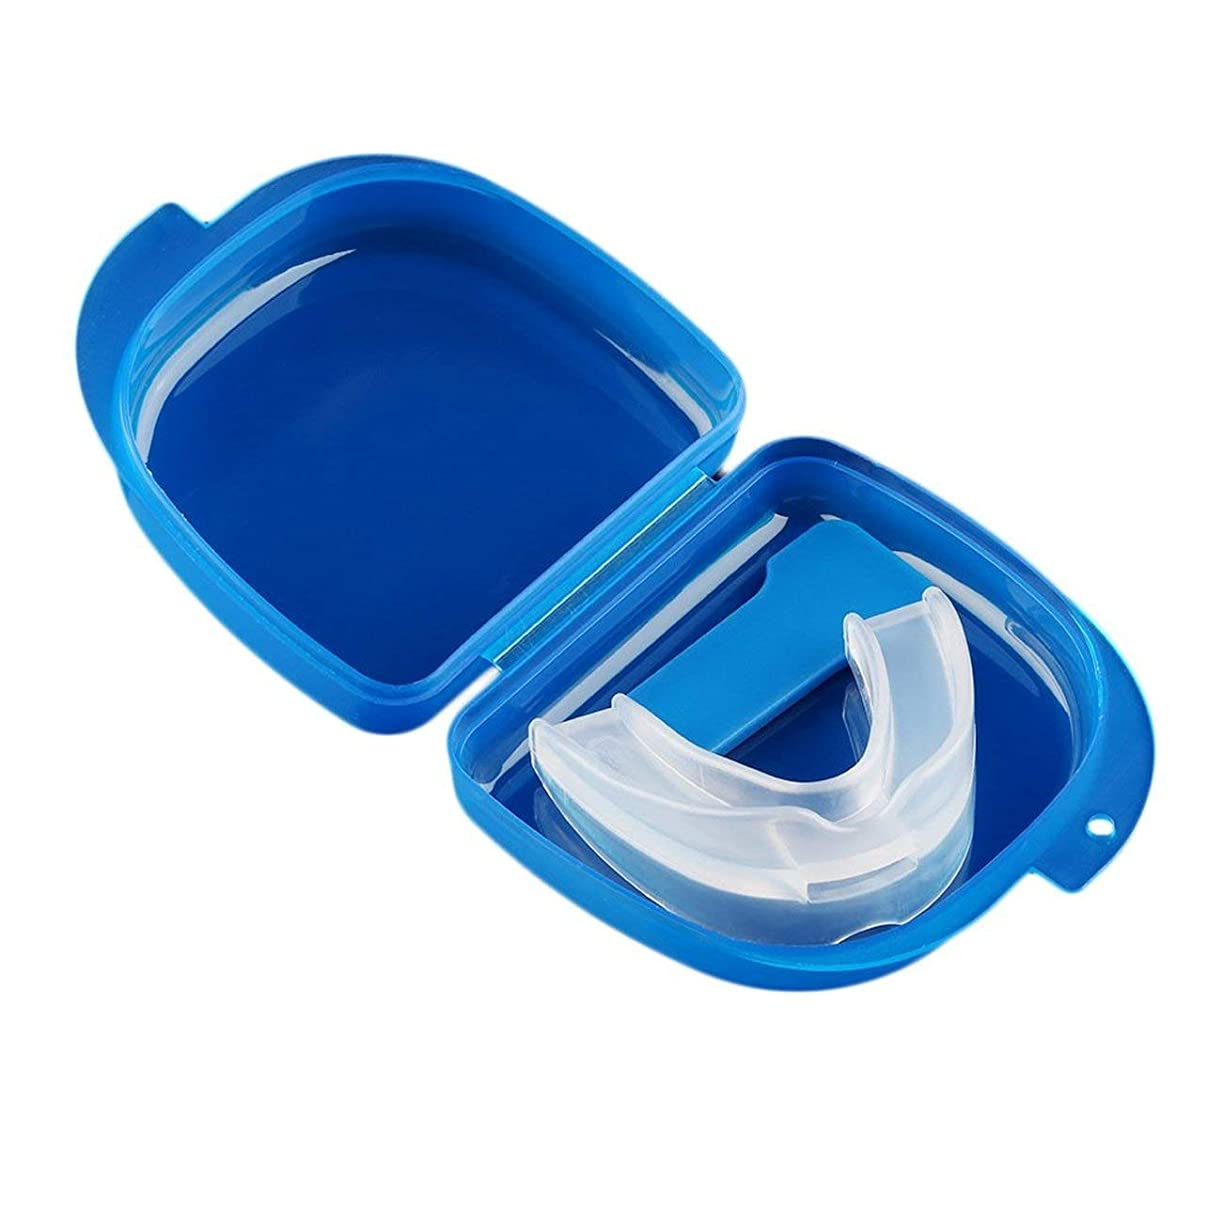 枠畝間リンスDeeploveUU マウスガードストップ歯研削いびき歯ぎしり睡眠補助具いびき除去ヘルスケア美容アクセサリー付きケースボックス